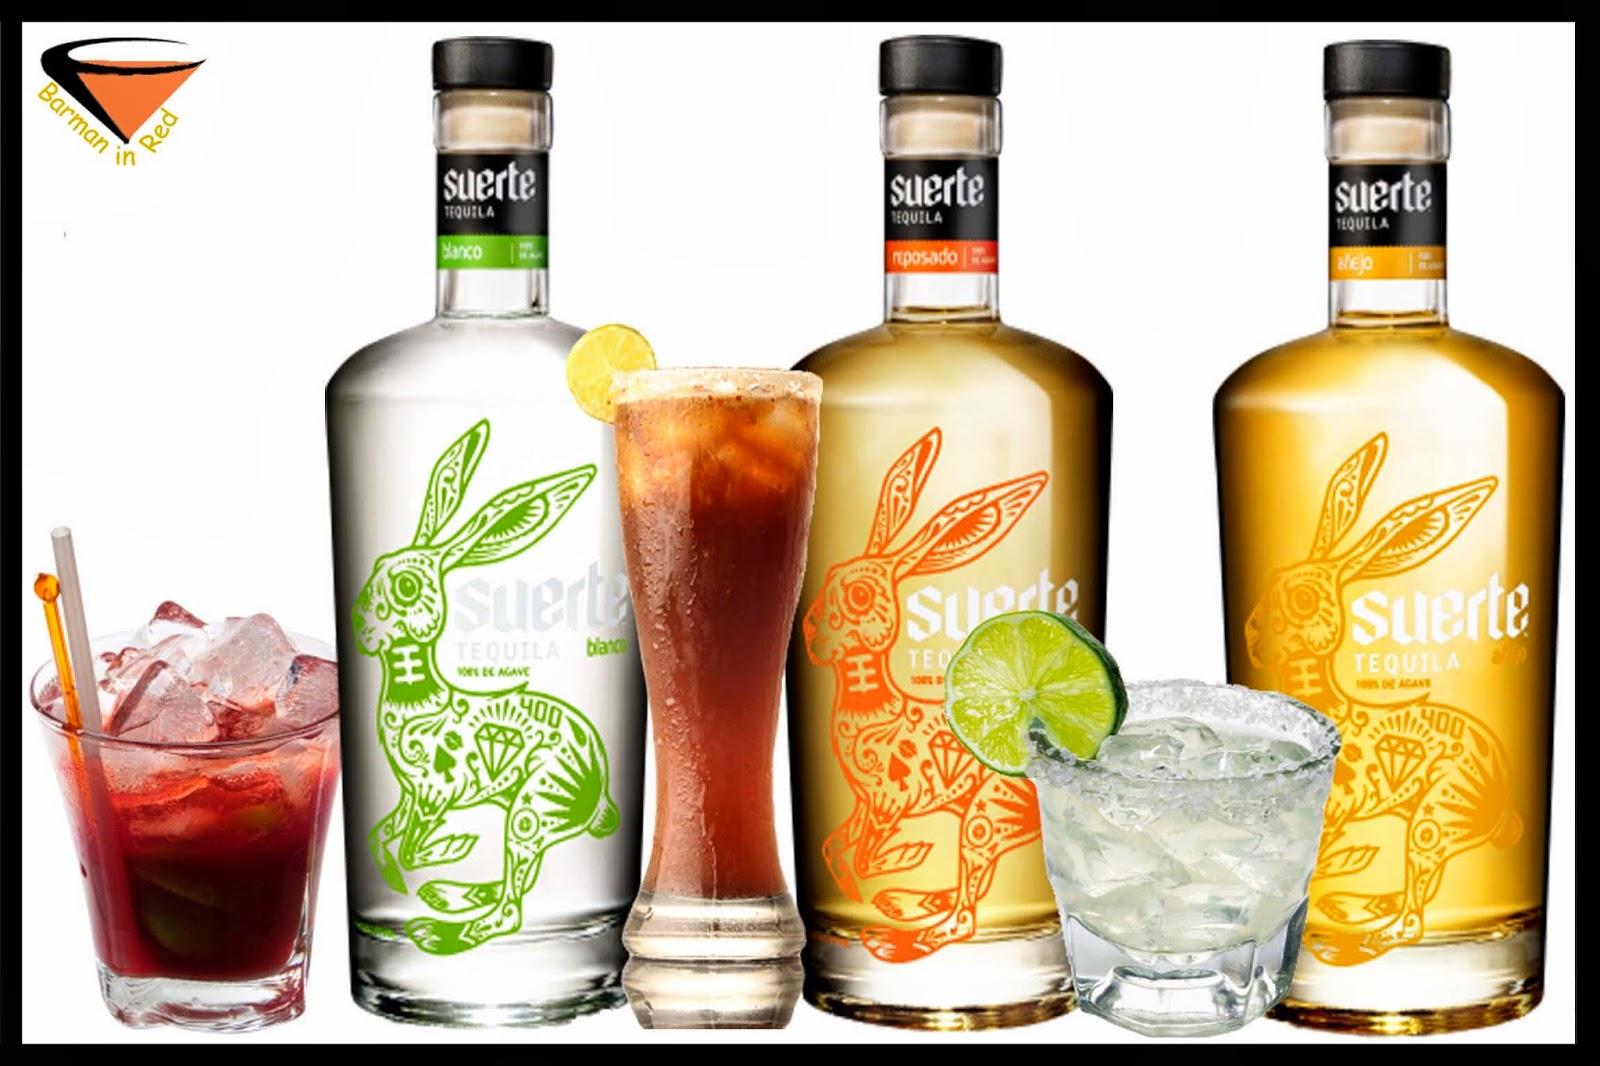 Tequila Suerte